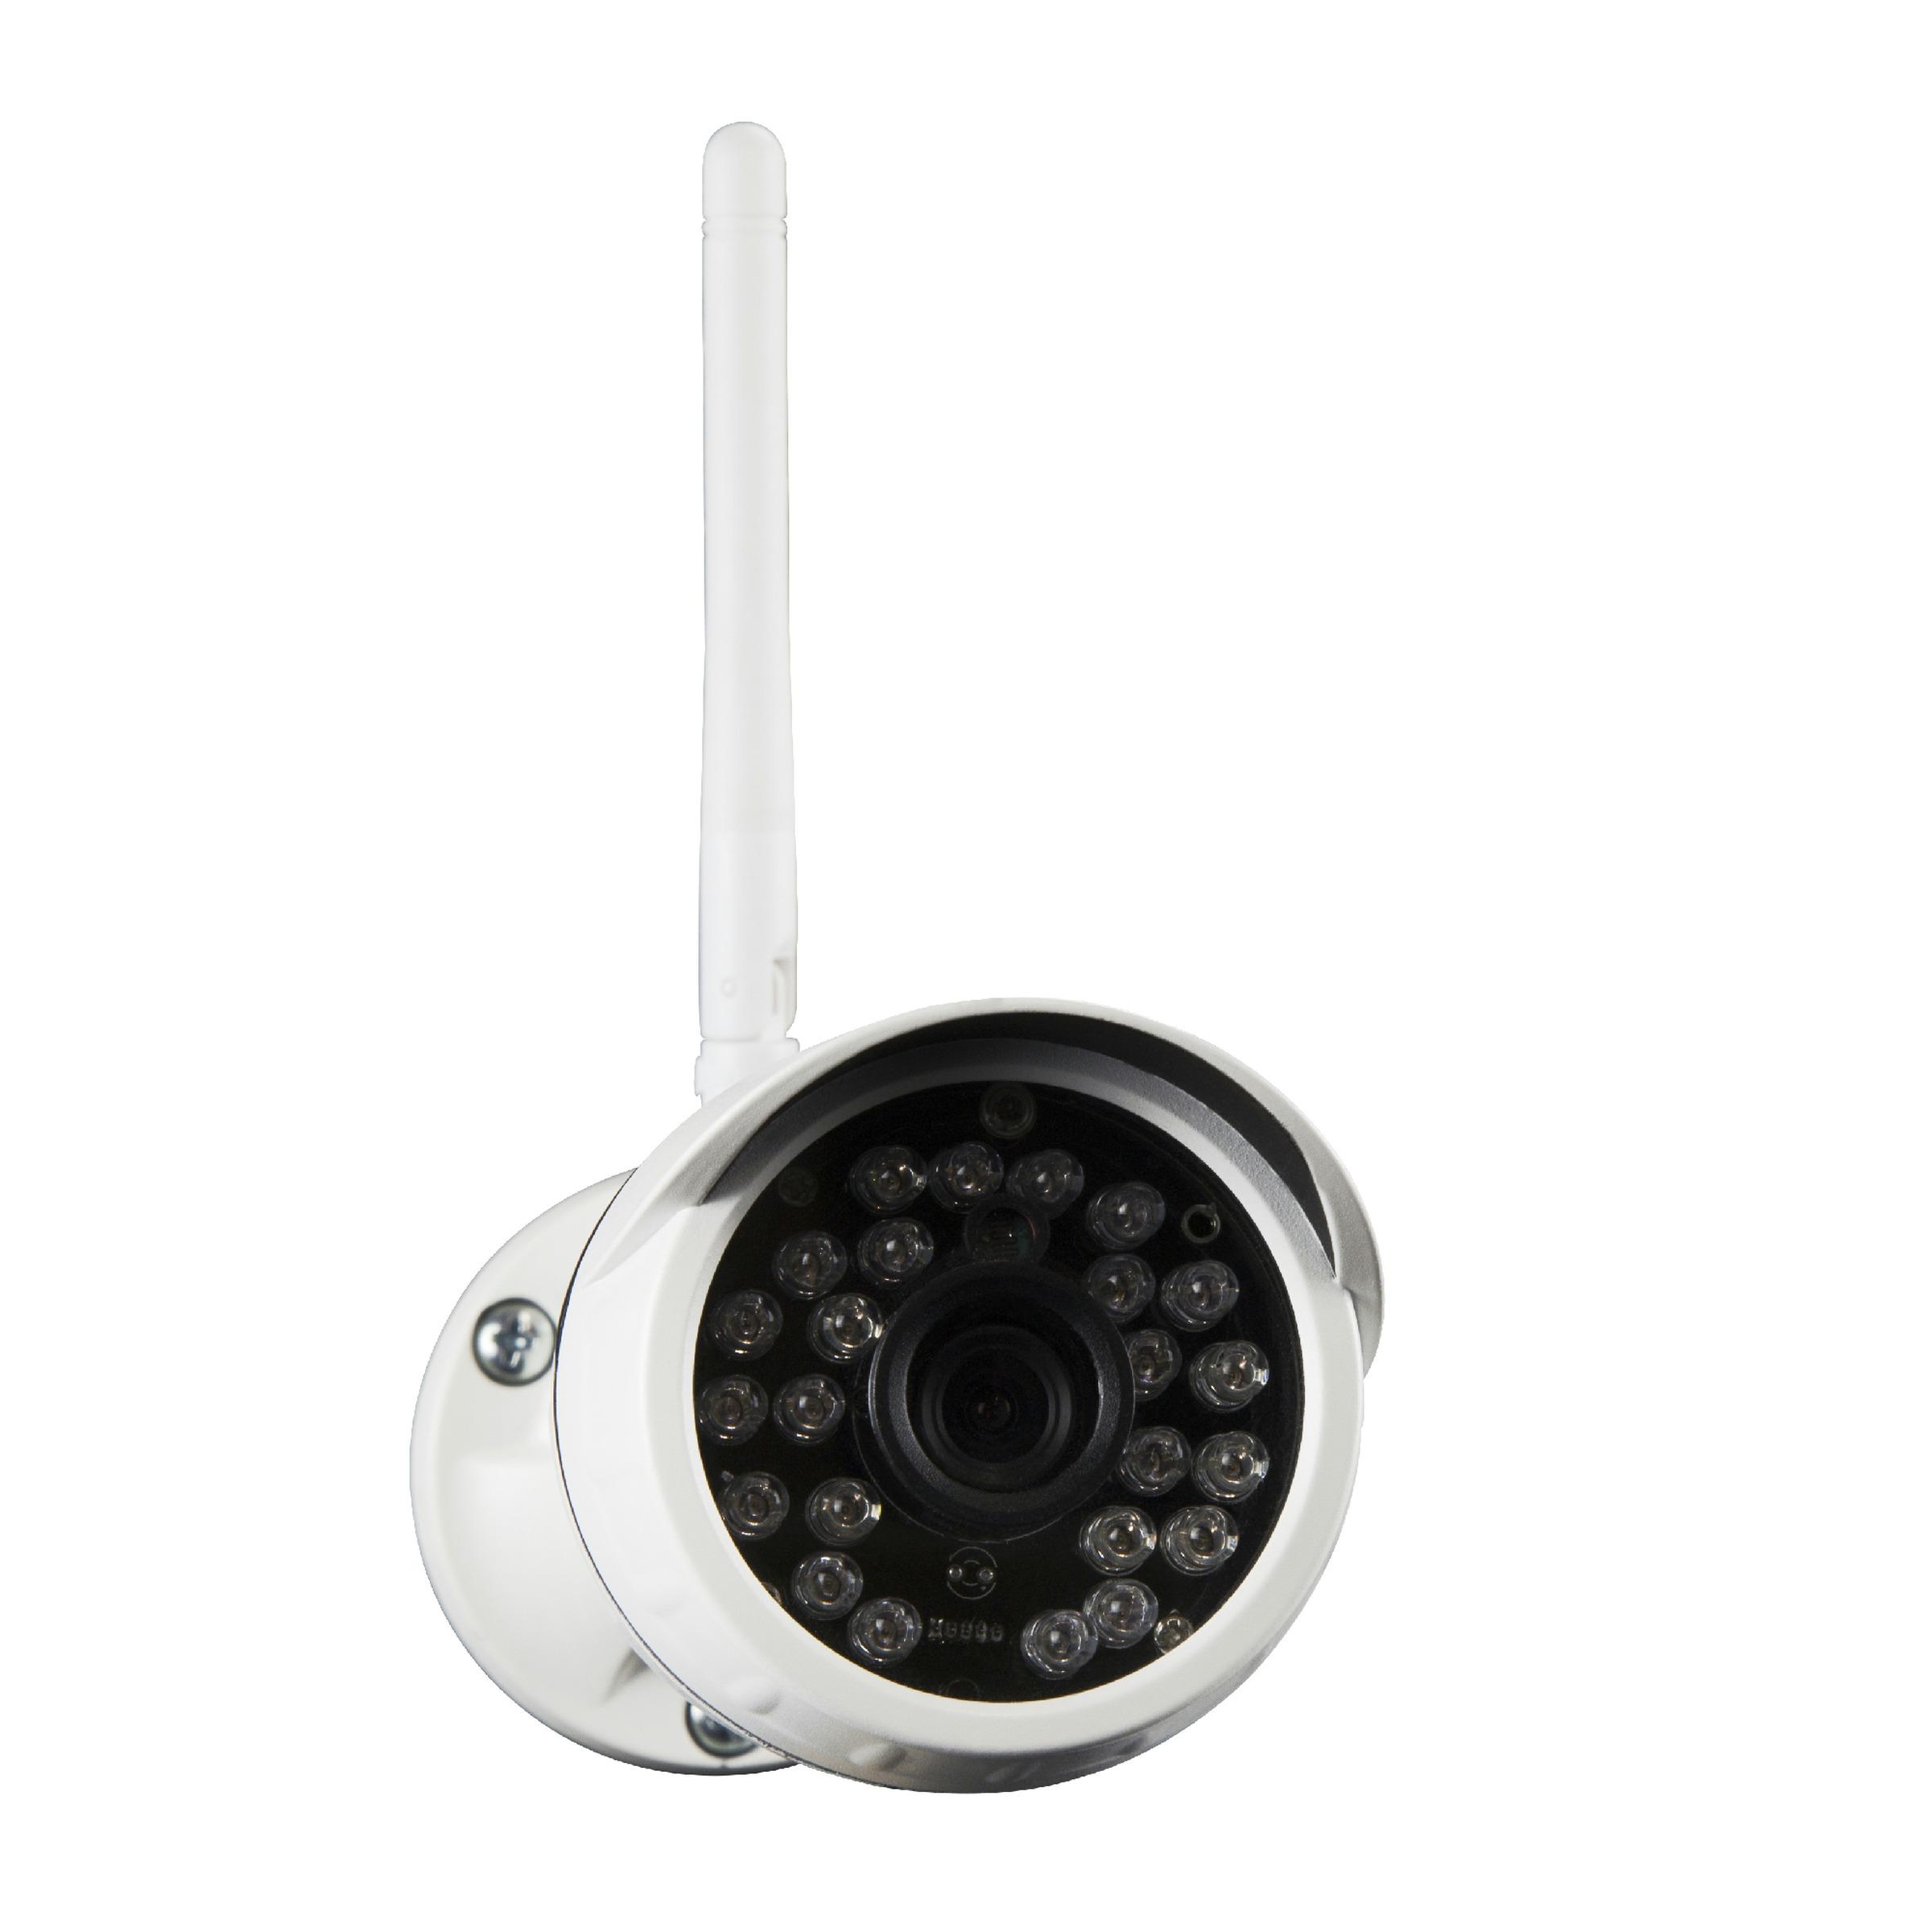 WiFi, LAN IP-camera Alecto DVC-215IP Geschikt voor App: Ja